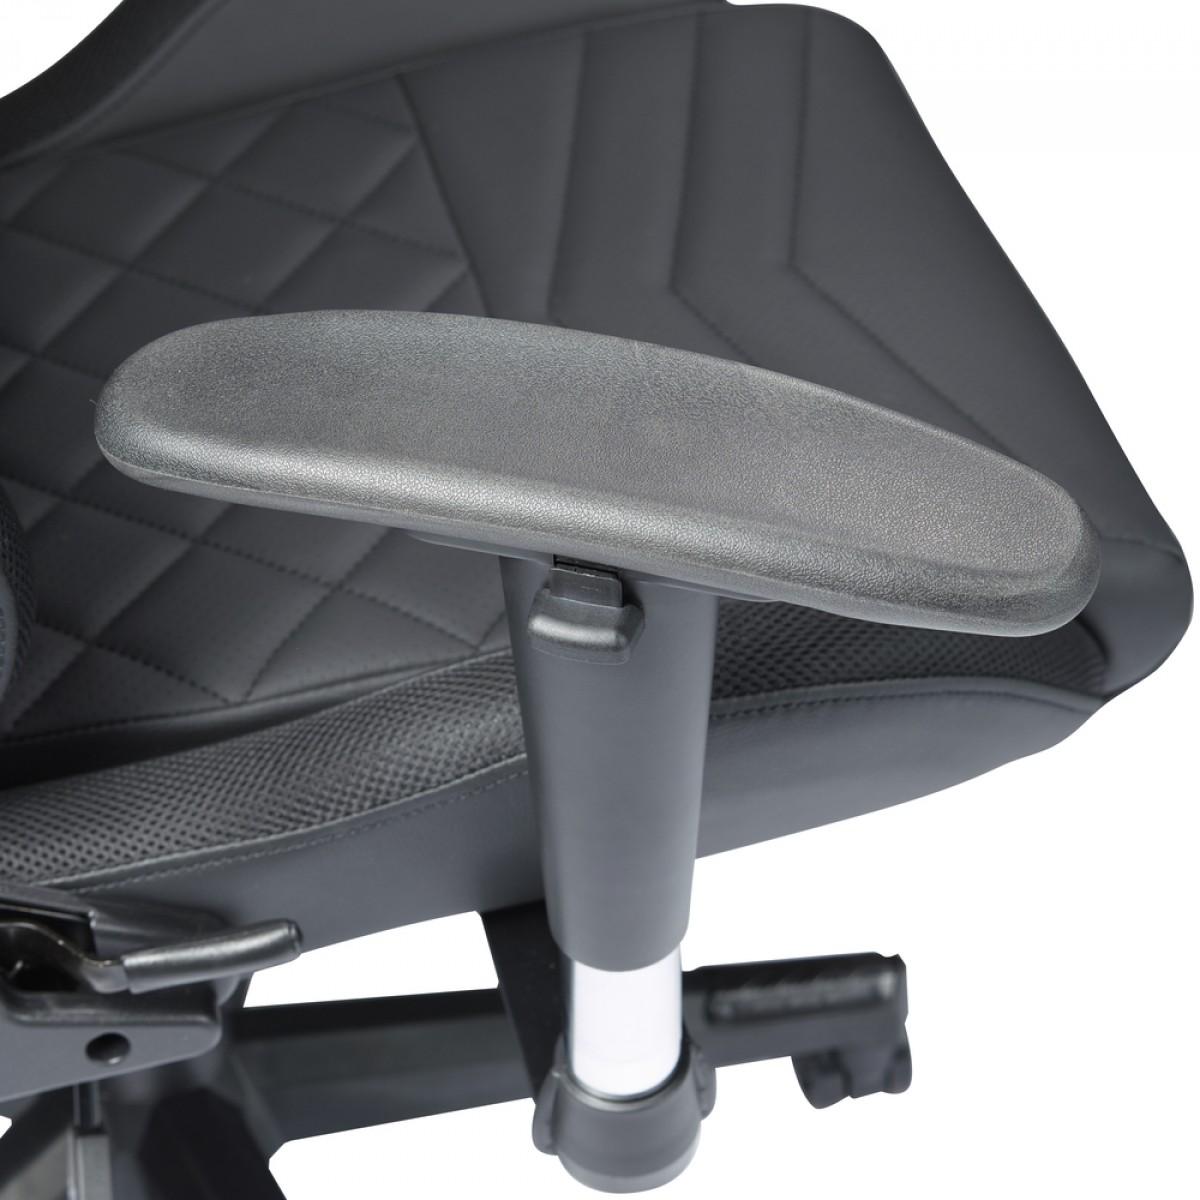 Cadeira Gamer Riotoro, Spitfire X1, Reclinável, Black, GC-30X1